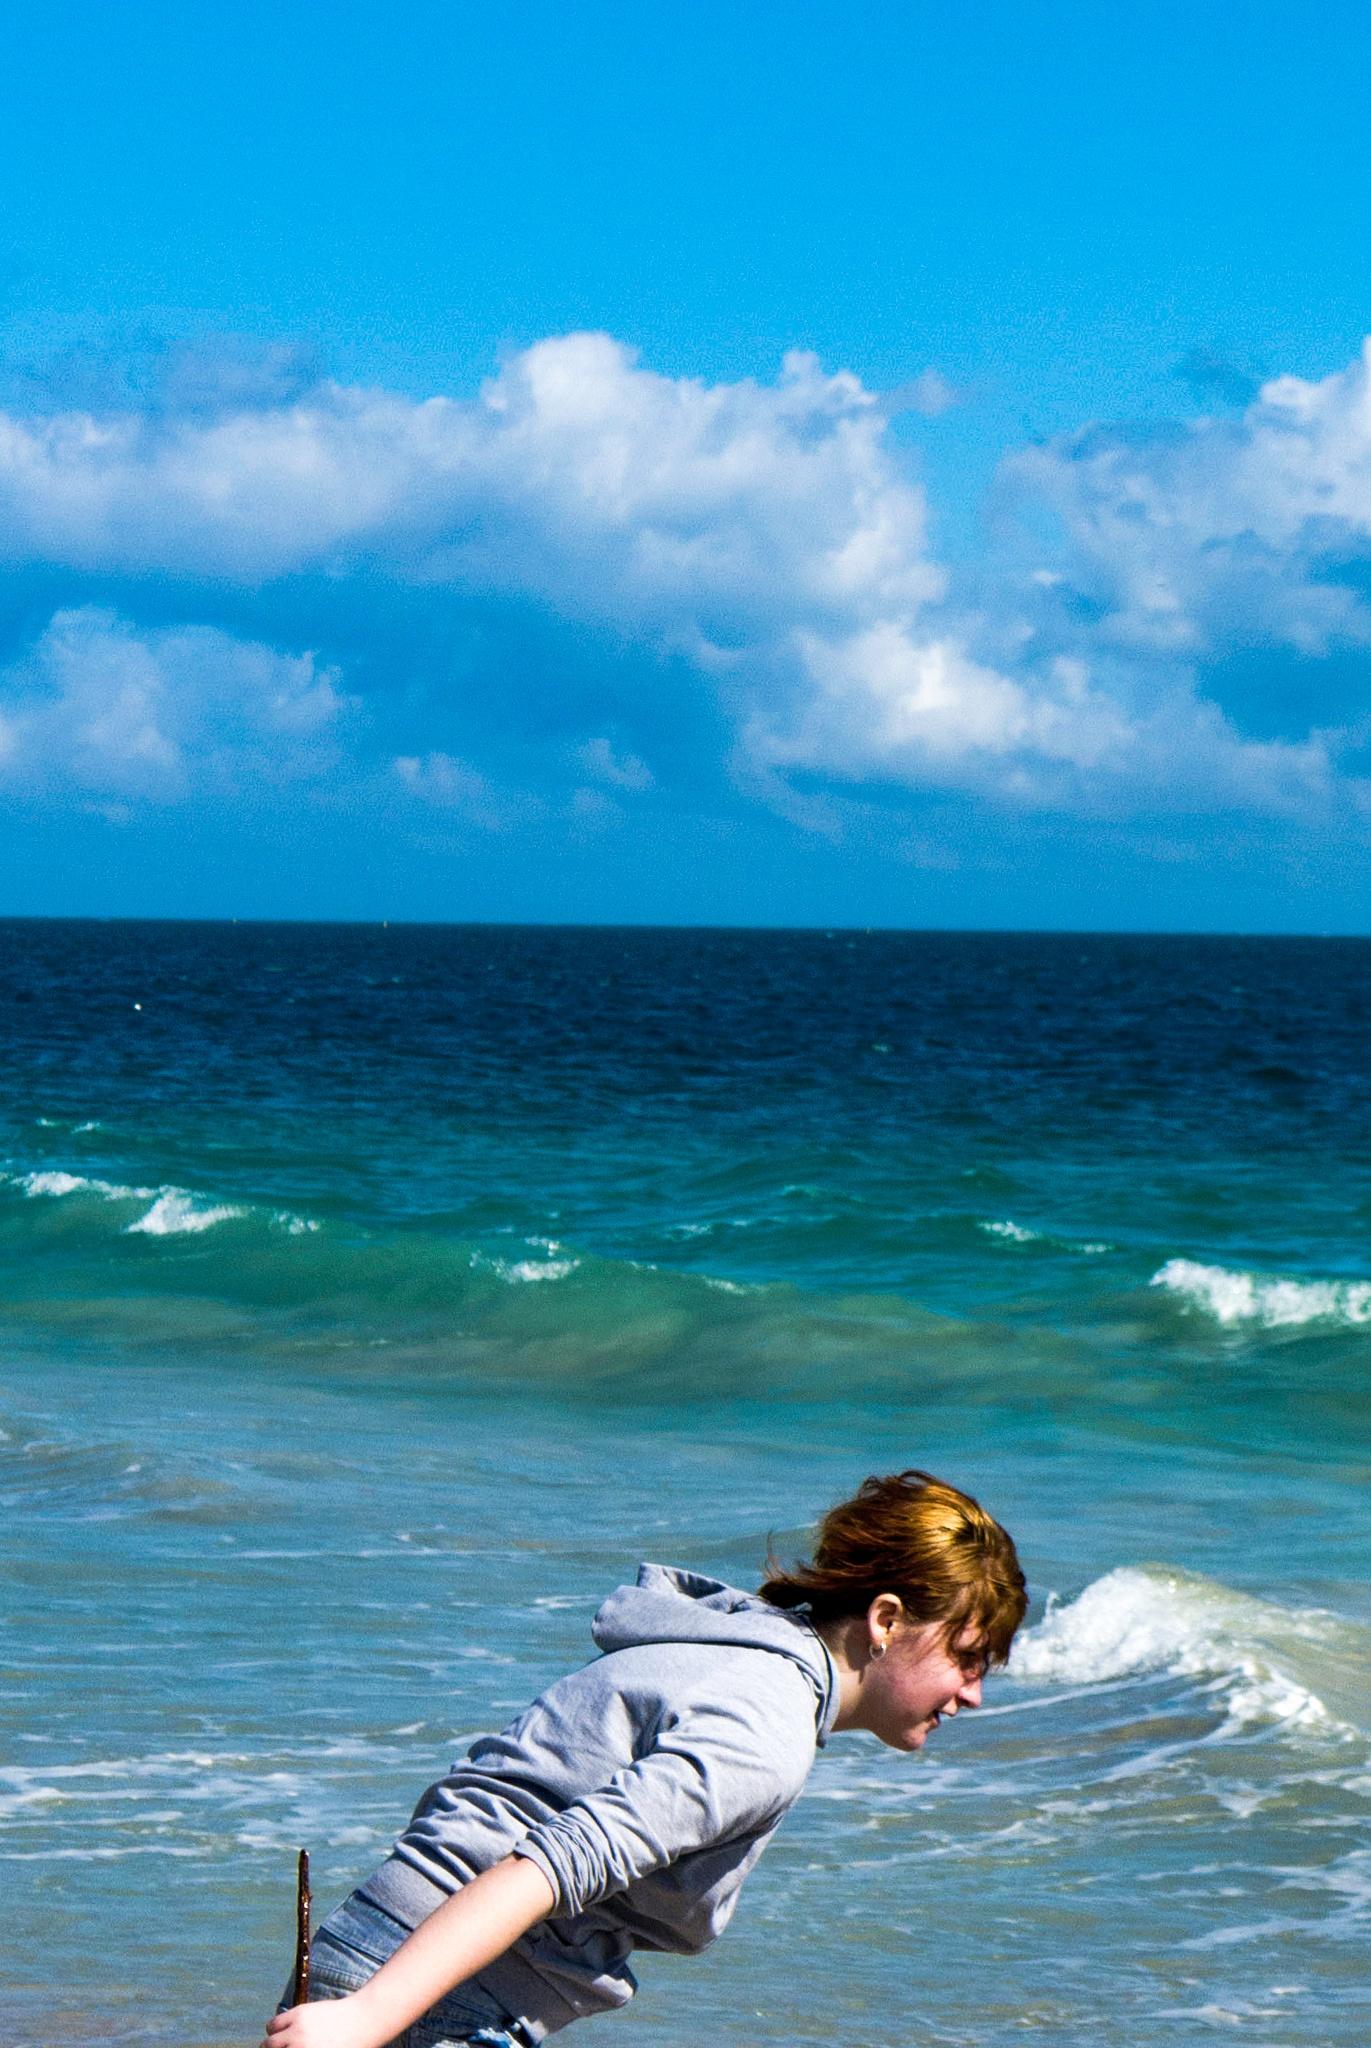 Sarah by the sea by Mordechai Ben Yosef